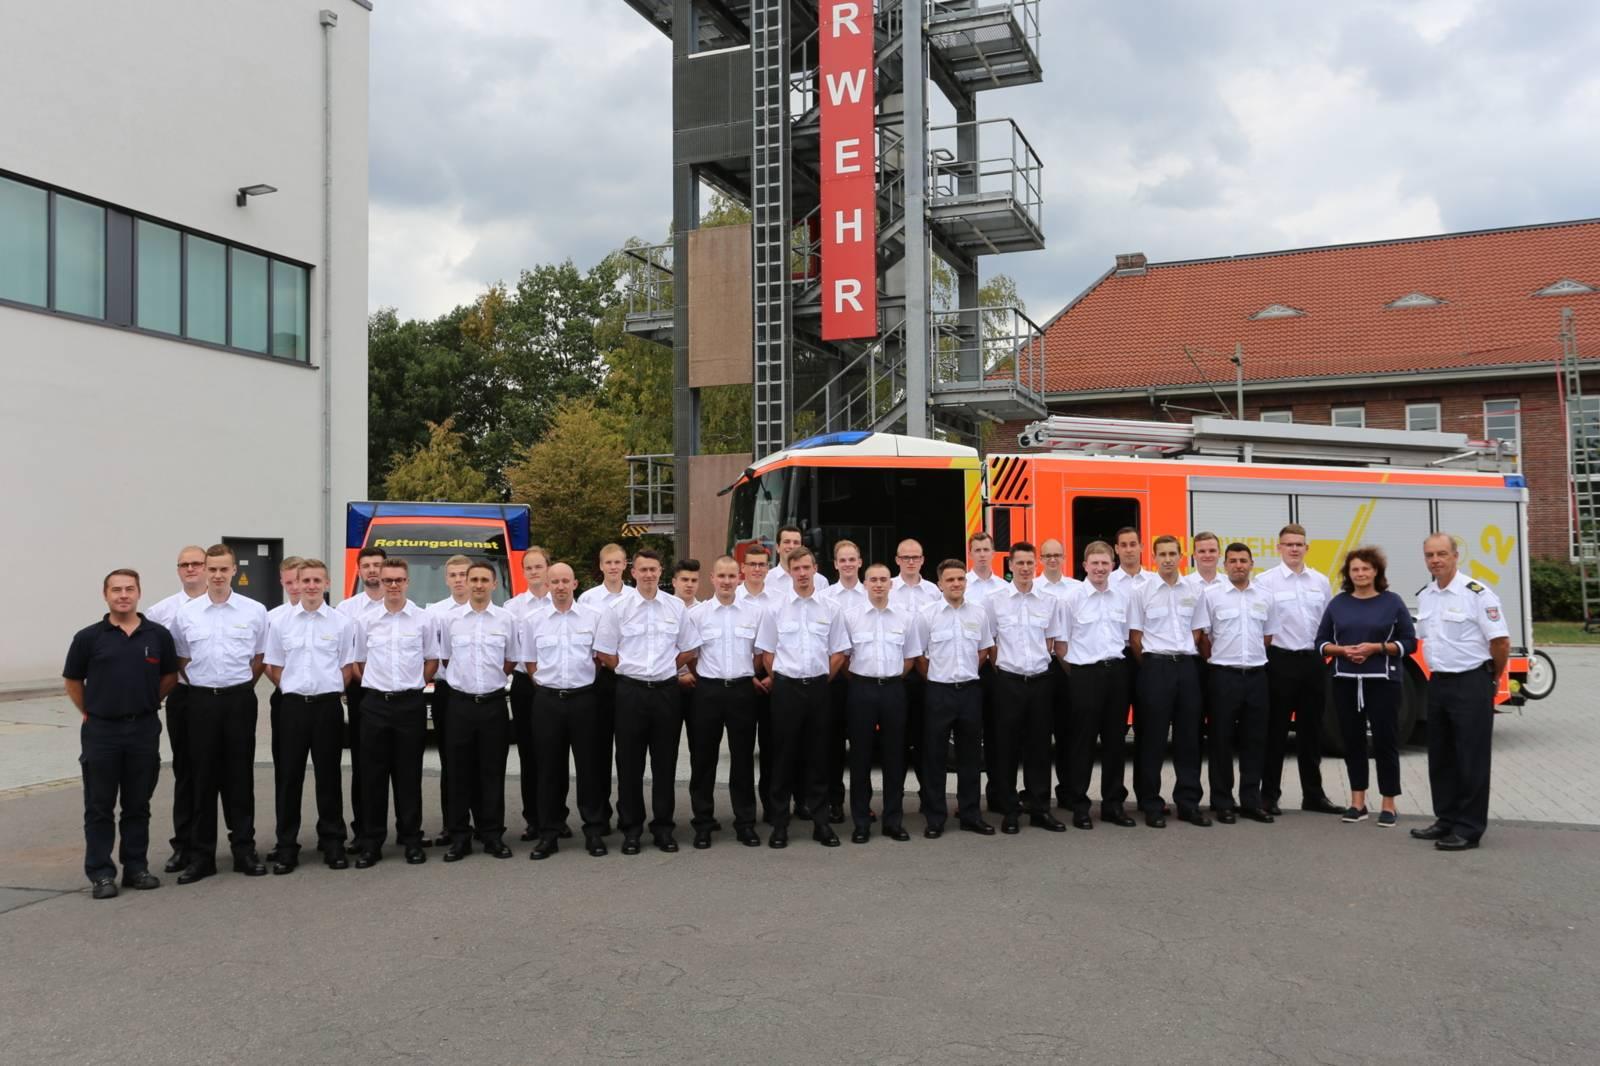 Nachwuchskräfte 2019 starten Ihre Karriere bei der Feuerwehr Hannover